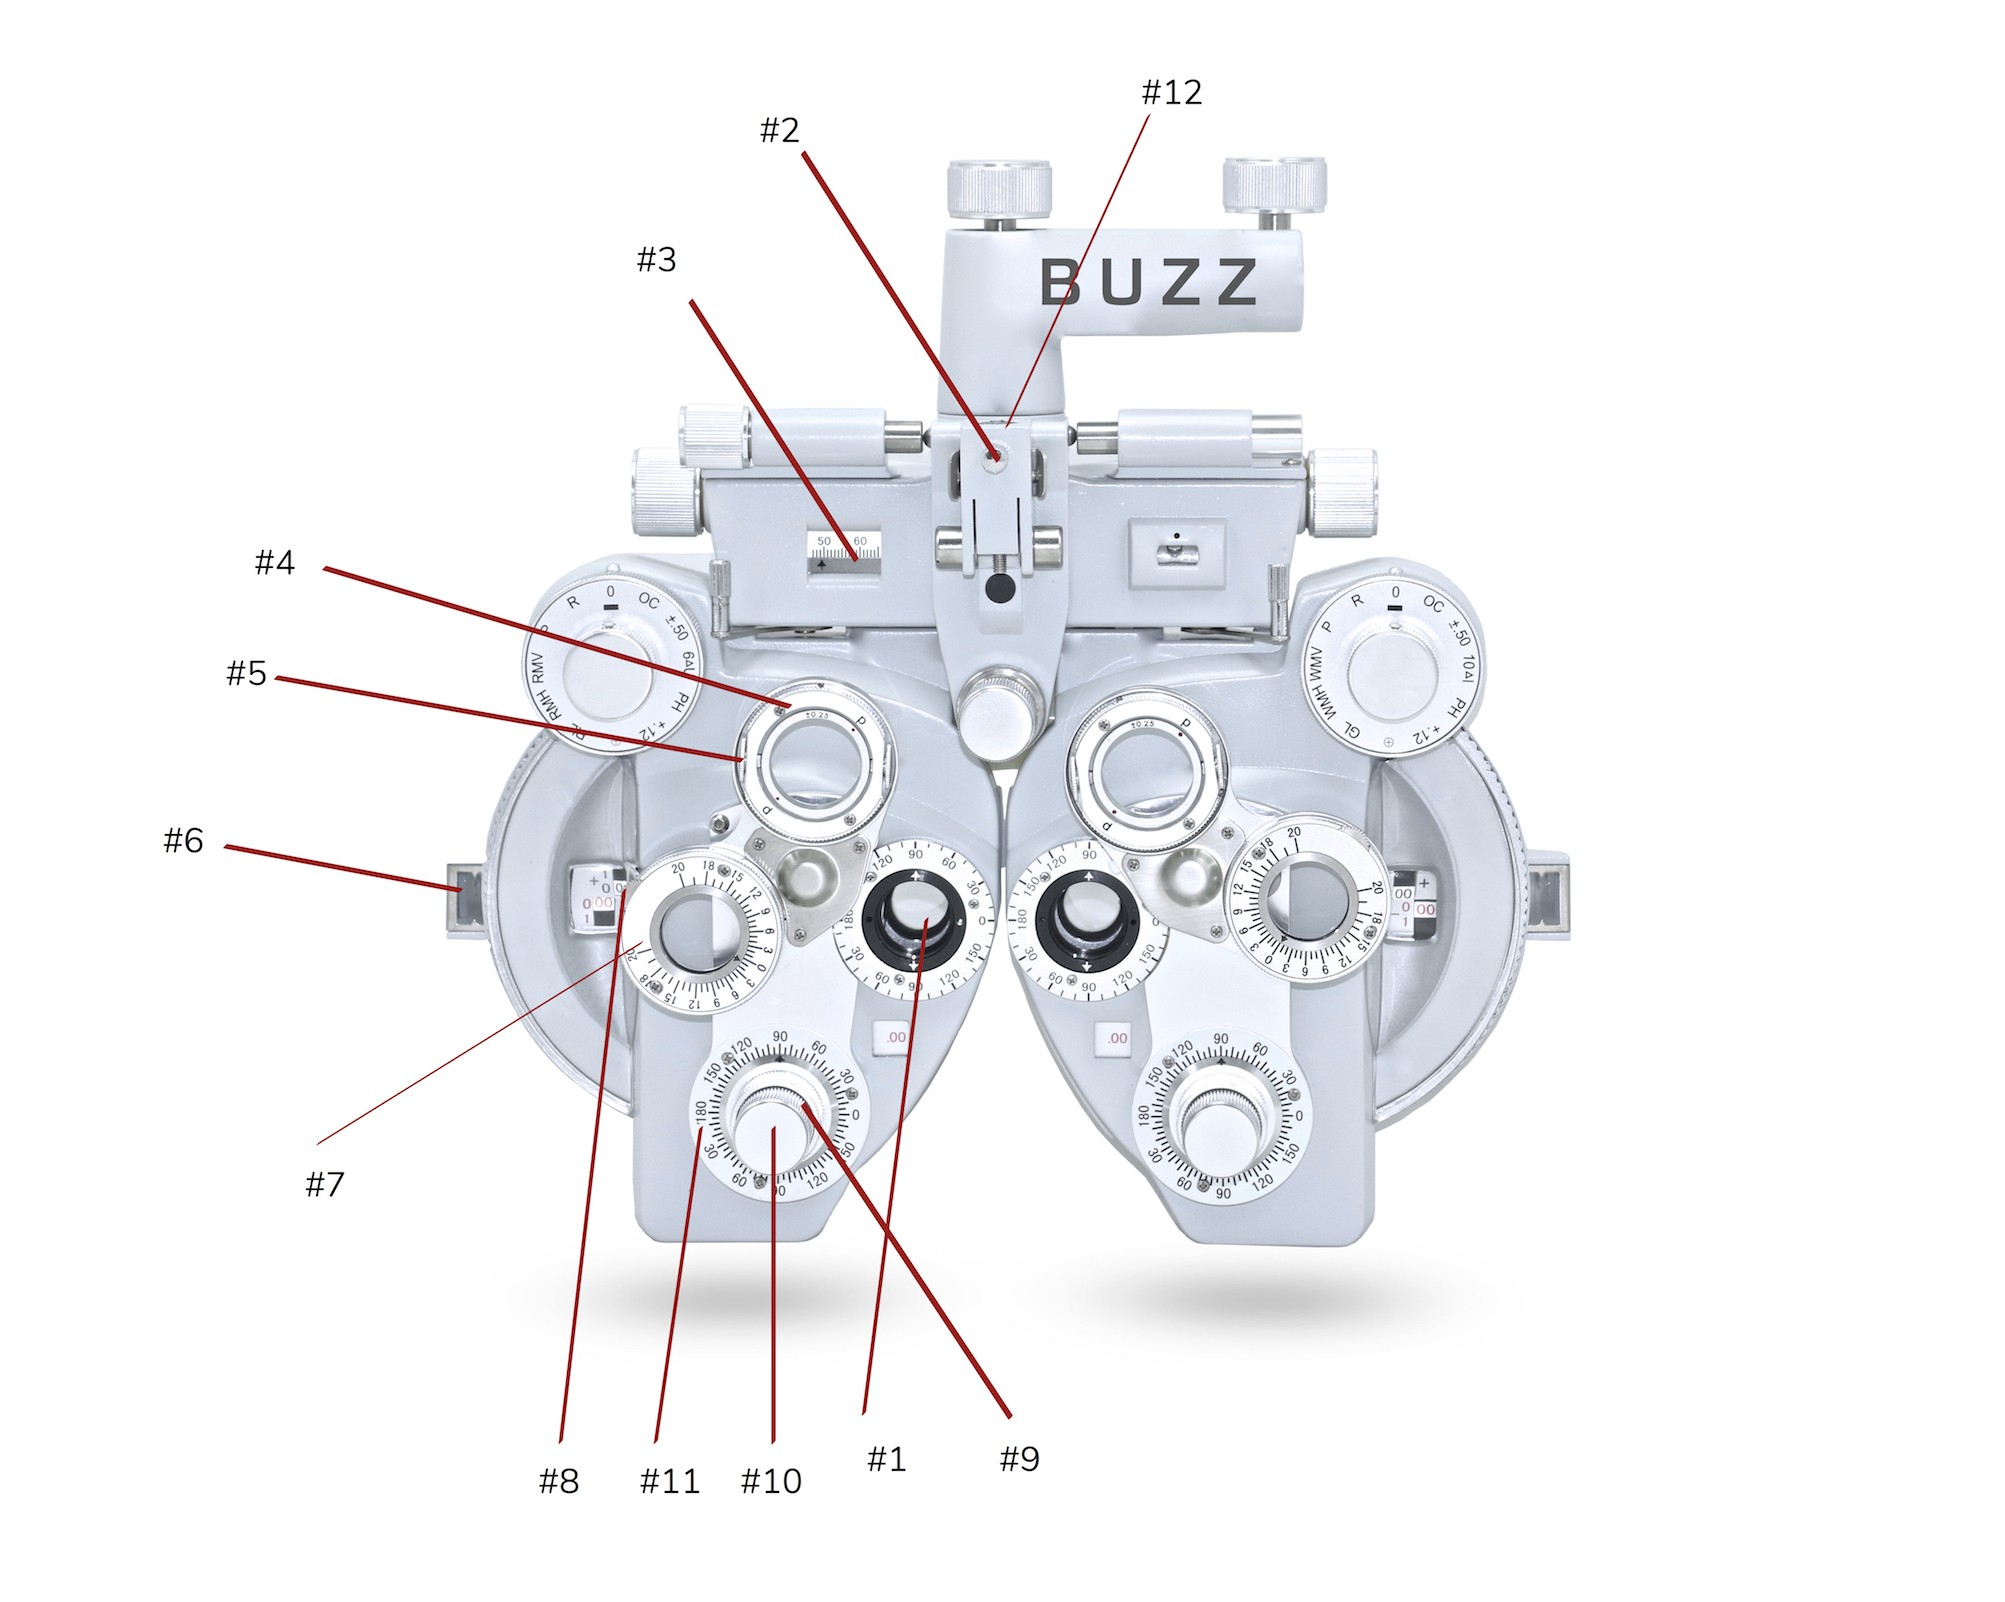 Engine Cylinder Diagram Phoropter Parts & Diagram Buzzoptics Of Engine Cylinder Diagram